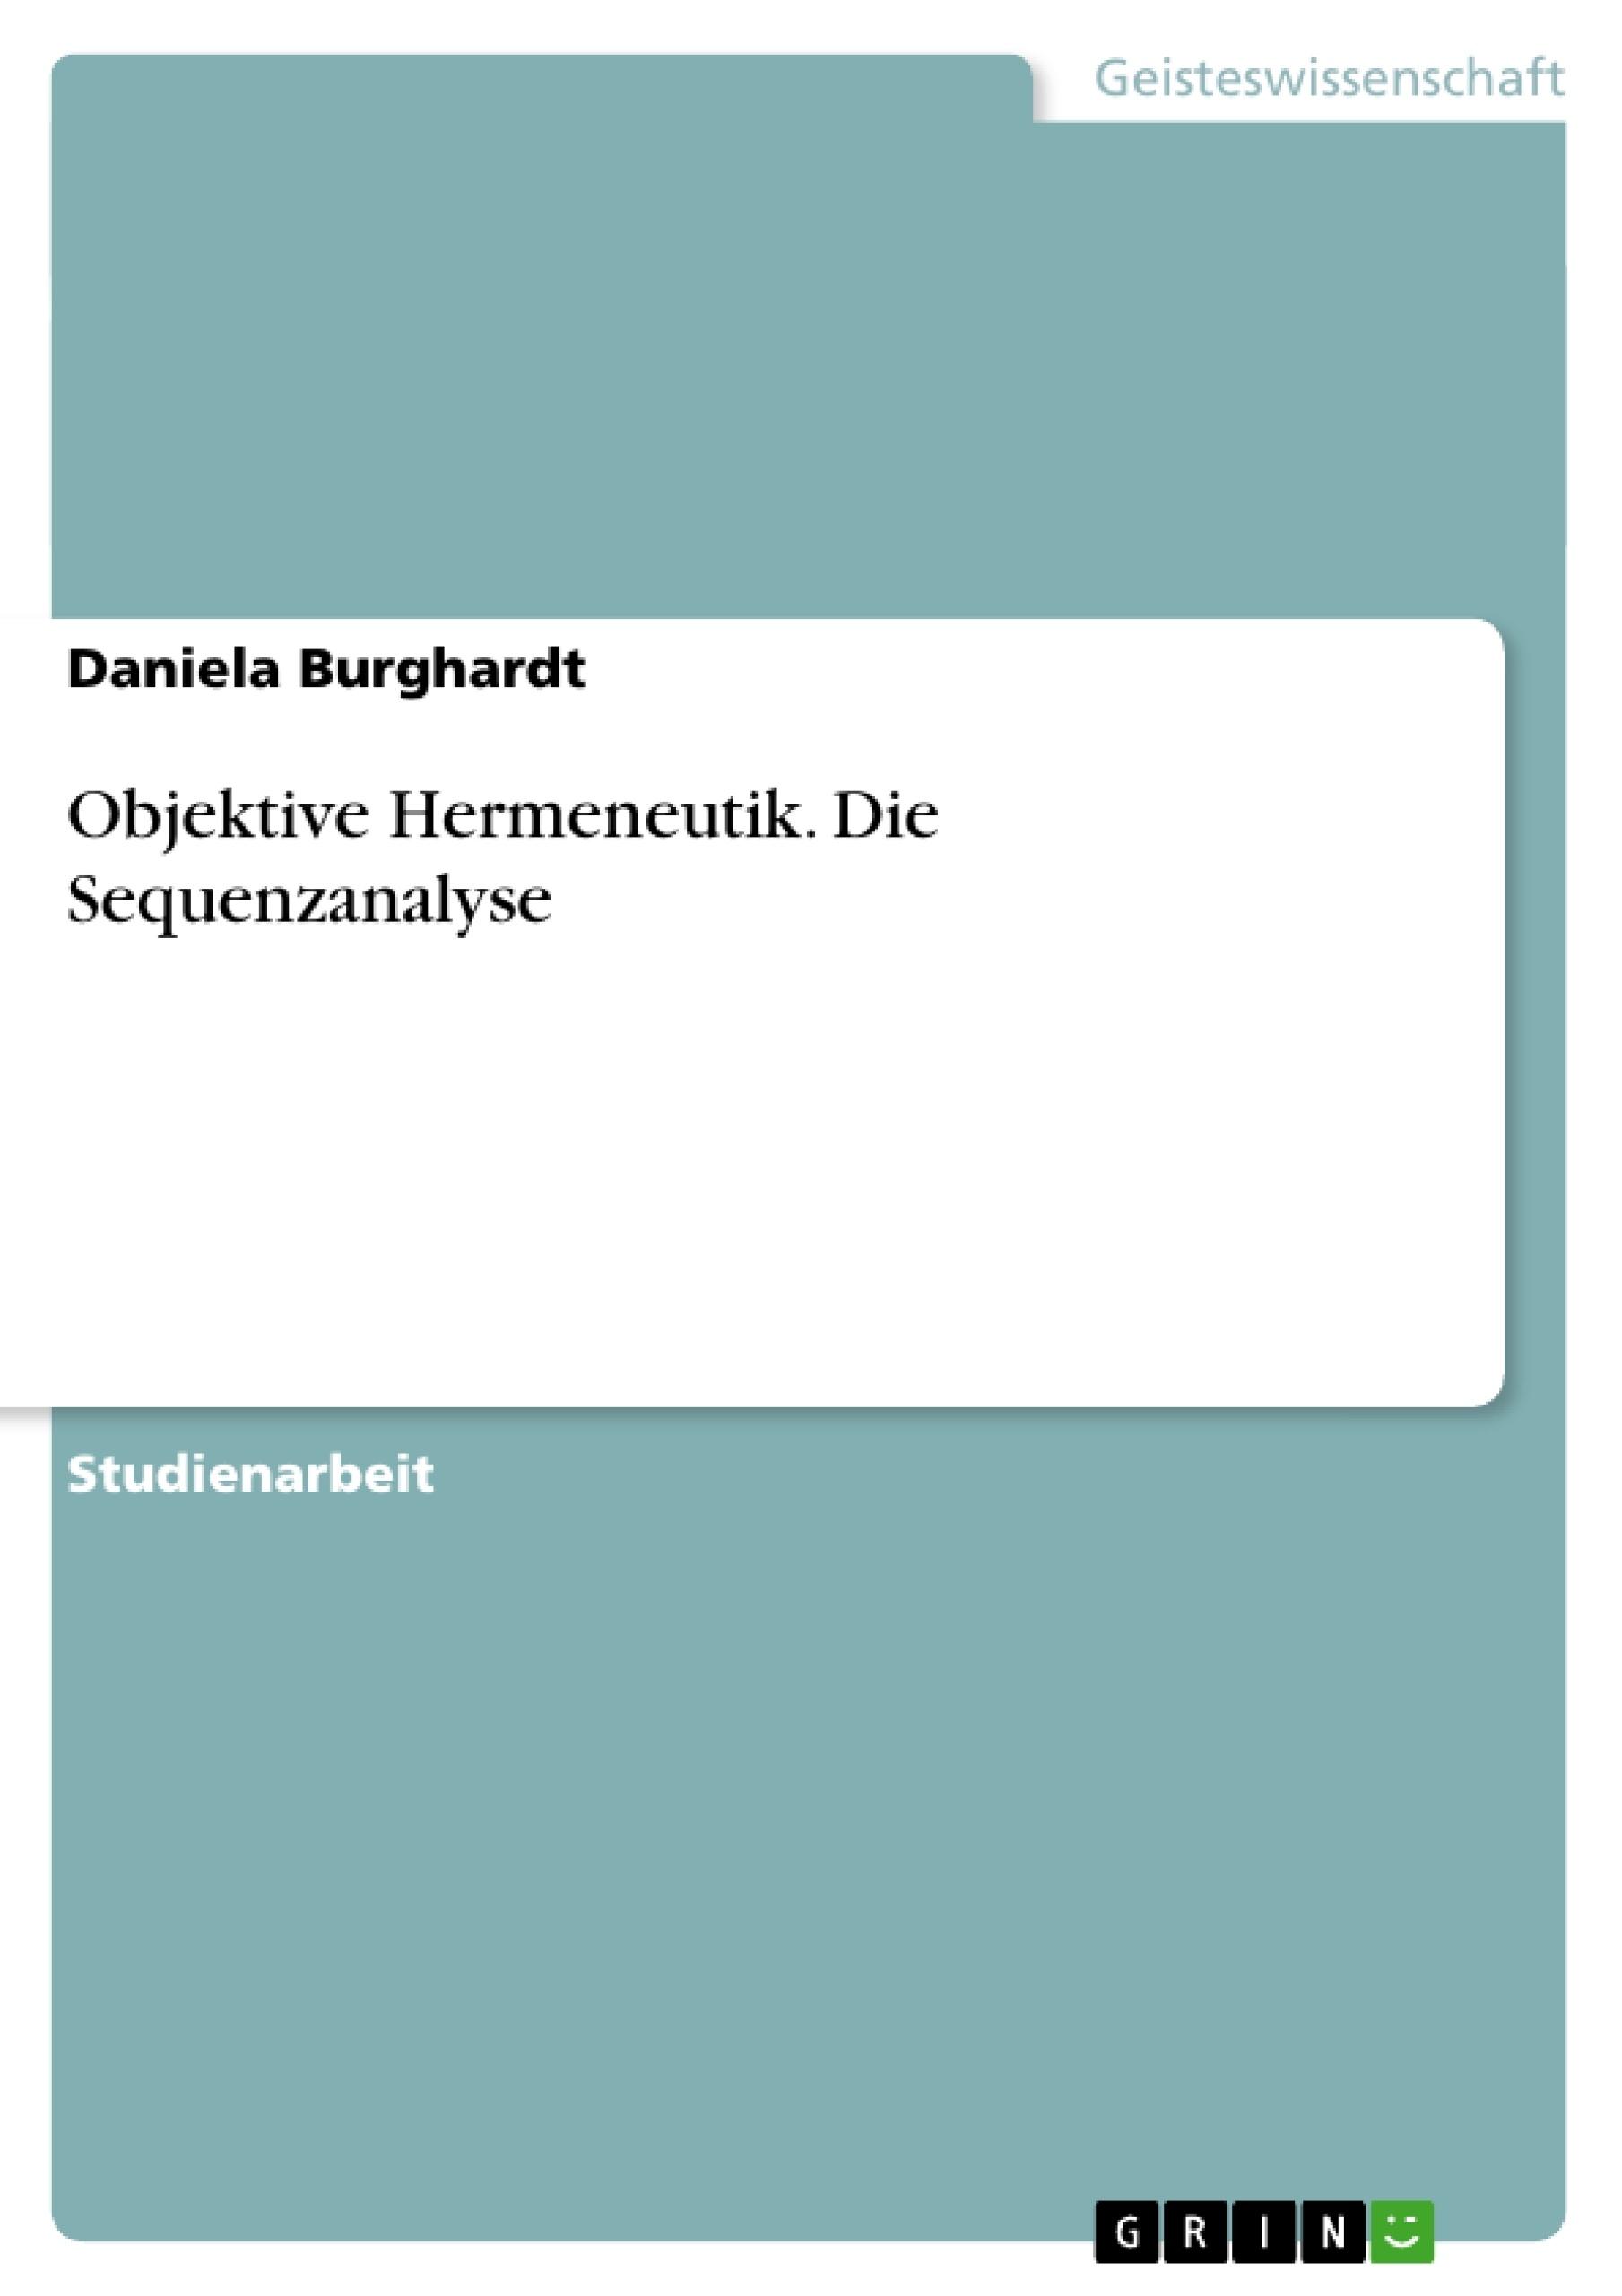 Objektive Hermeneutik. Die Sequenzanalyse | Masterarbeit, Hausarbeit ...